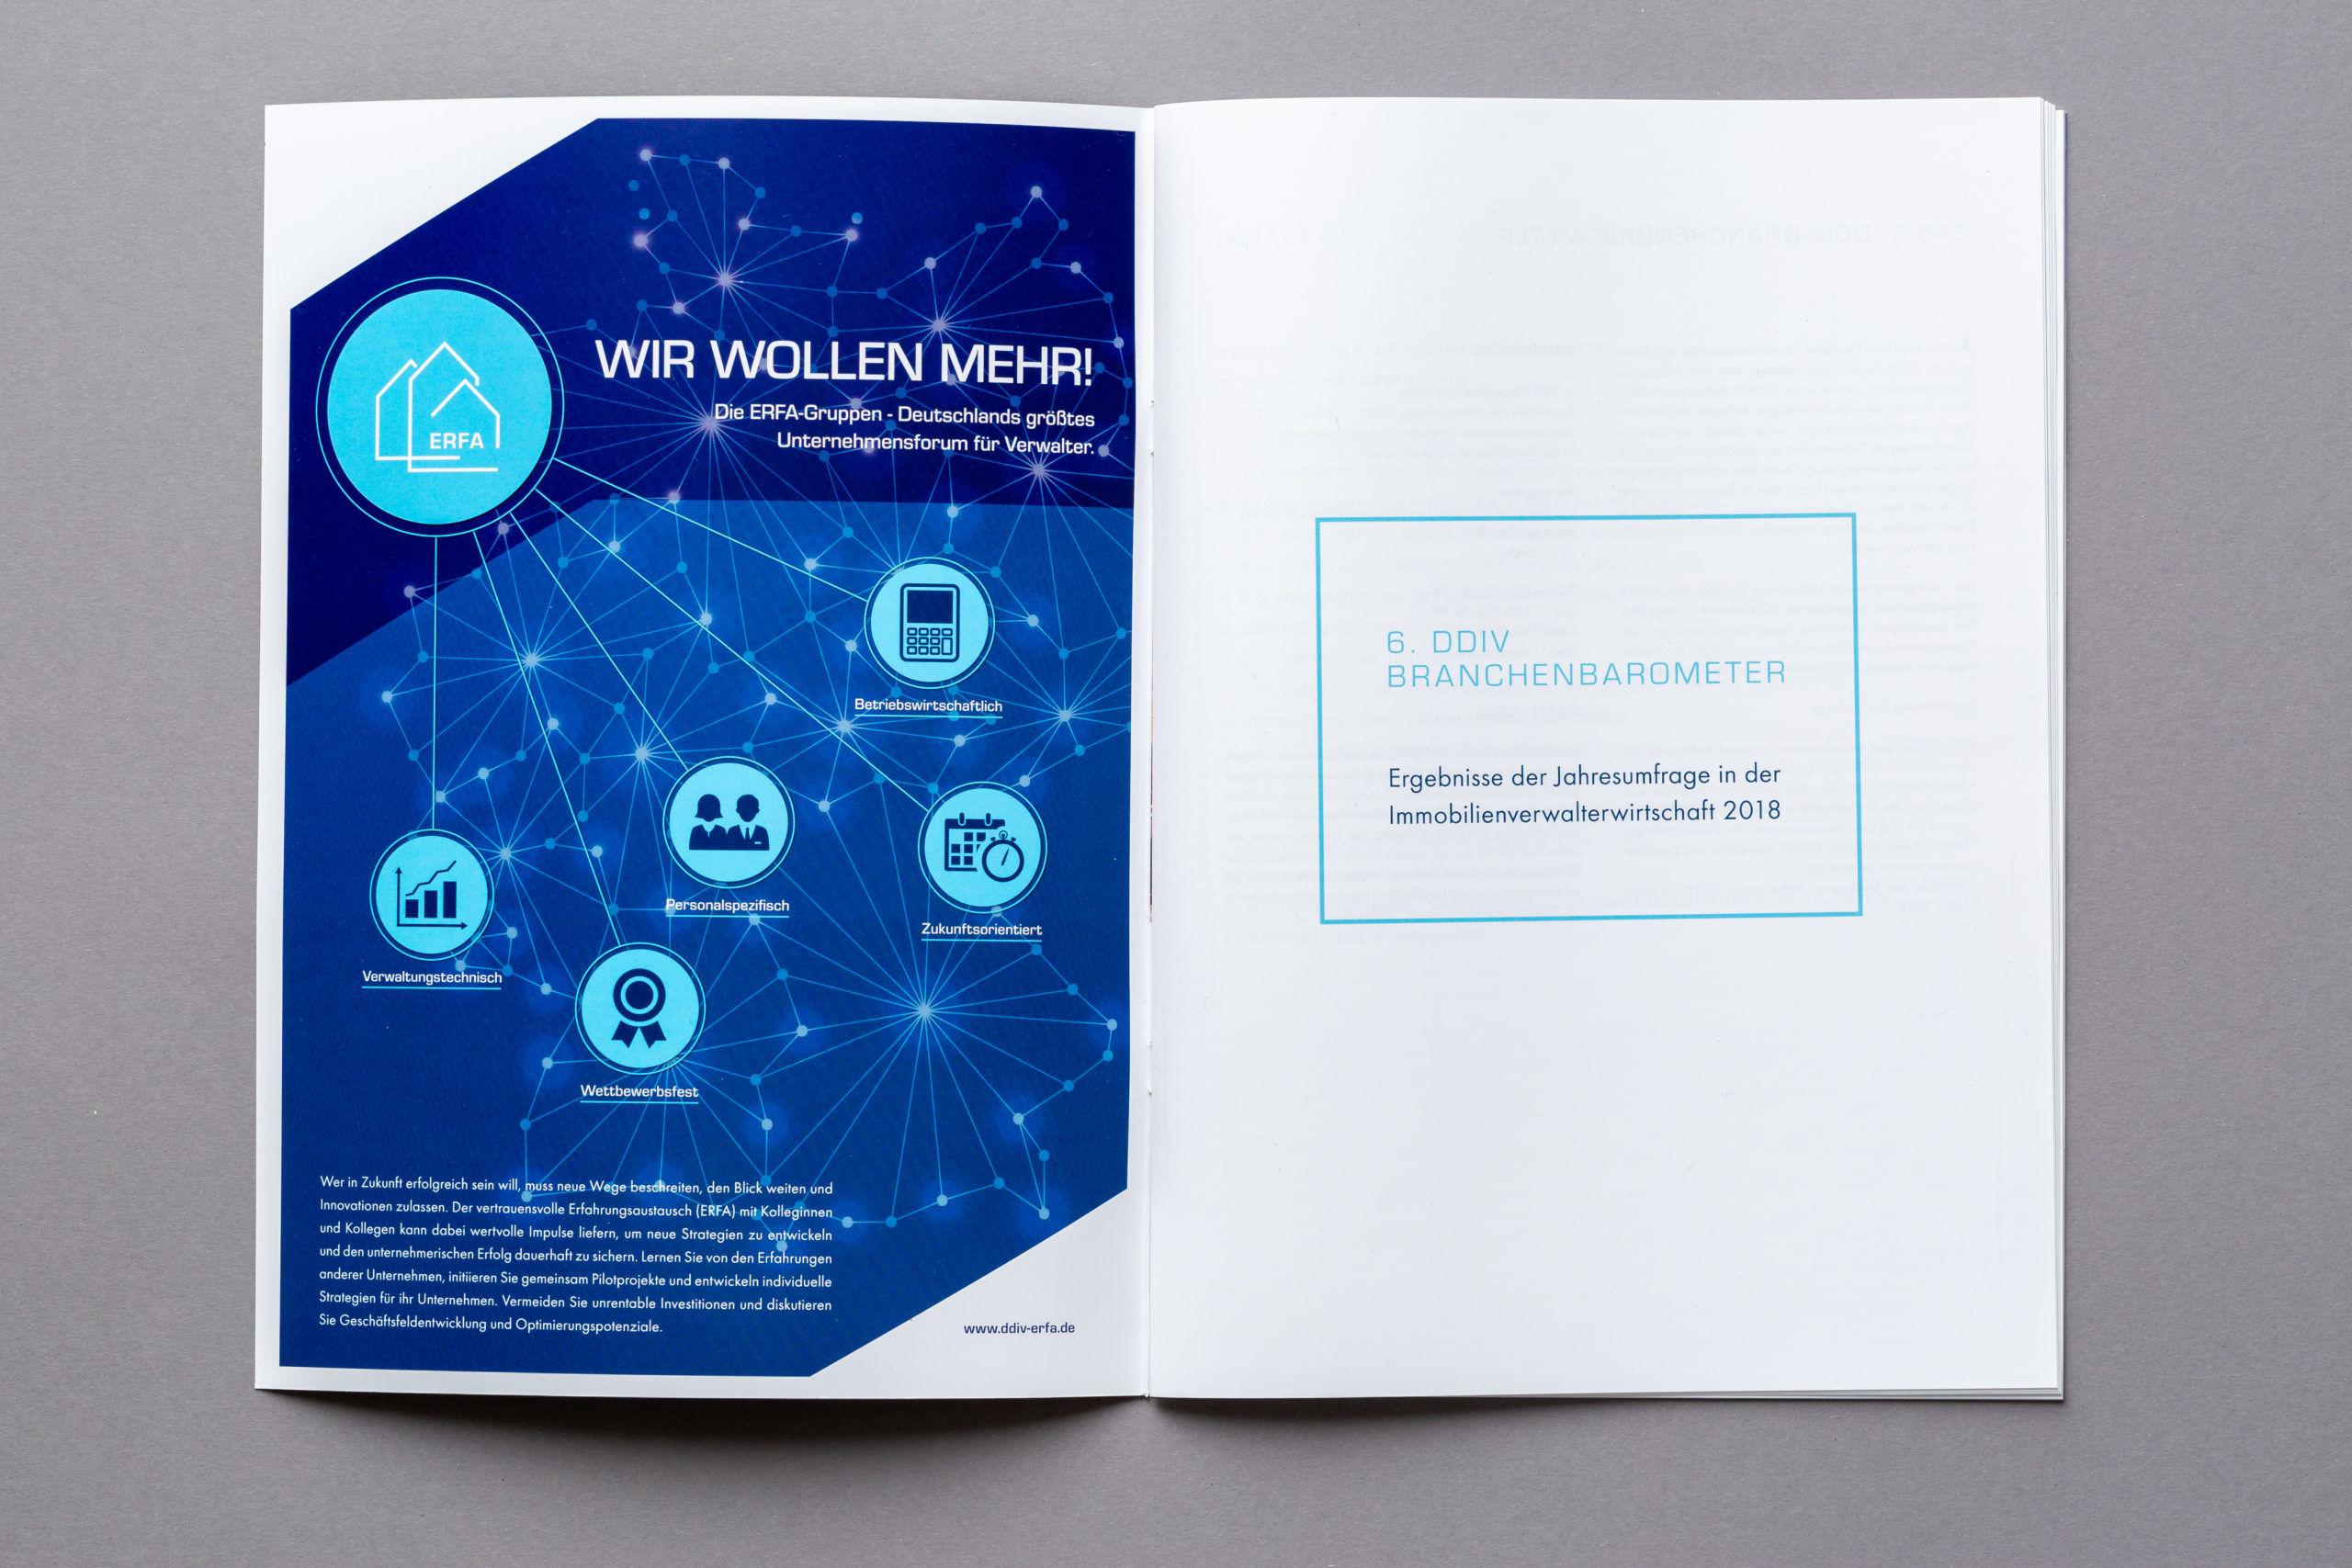 Printanzeige für die VDIV Erfa-Gruppen zur Bekanntmachung